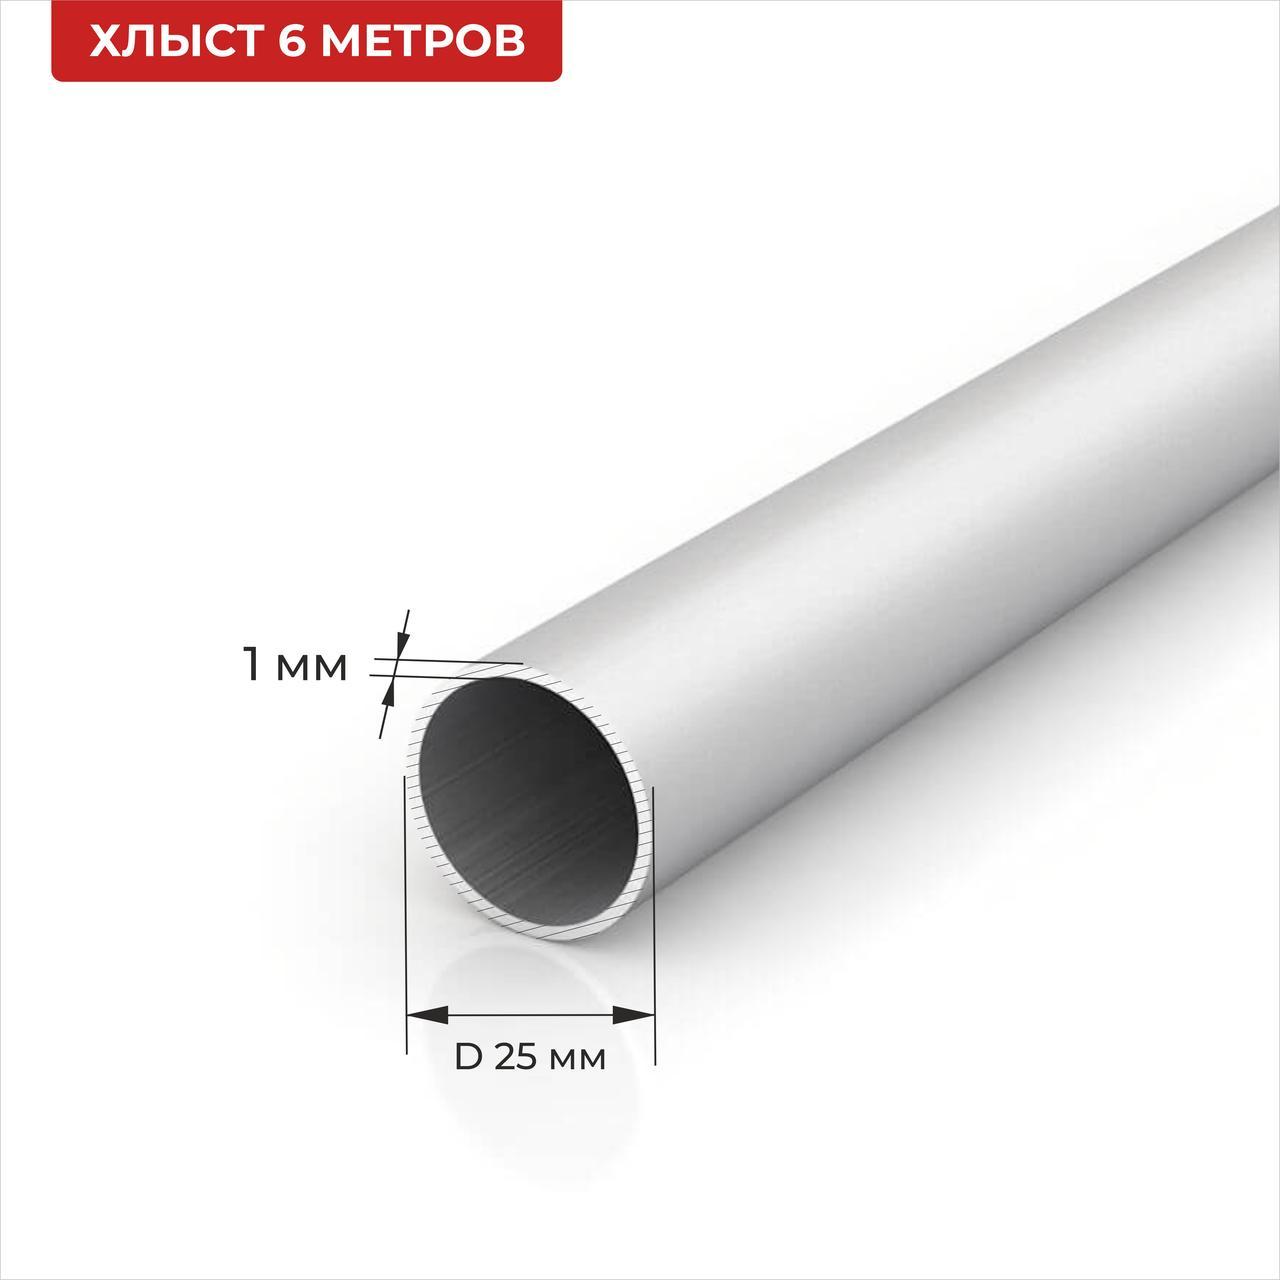 Труба алюминиевая круглая 25*1 6м